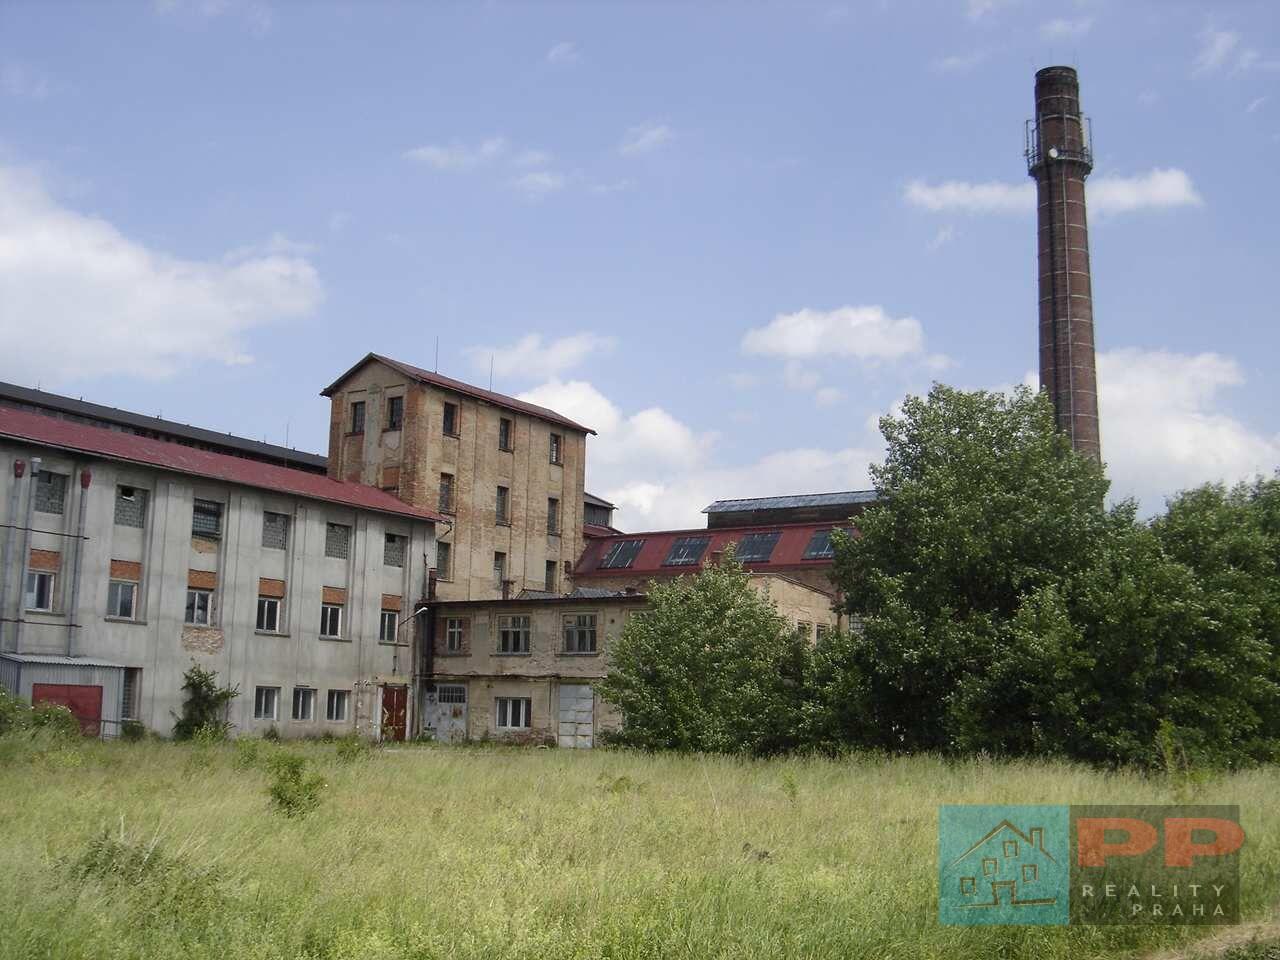 Prodej provozního areálu 35.332m2, Rožďalovice, ul. Ruská, okr. Nymburk